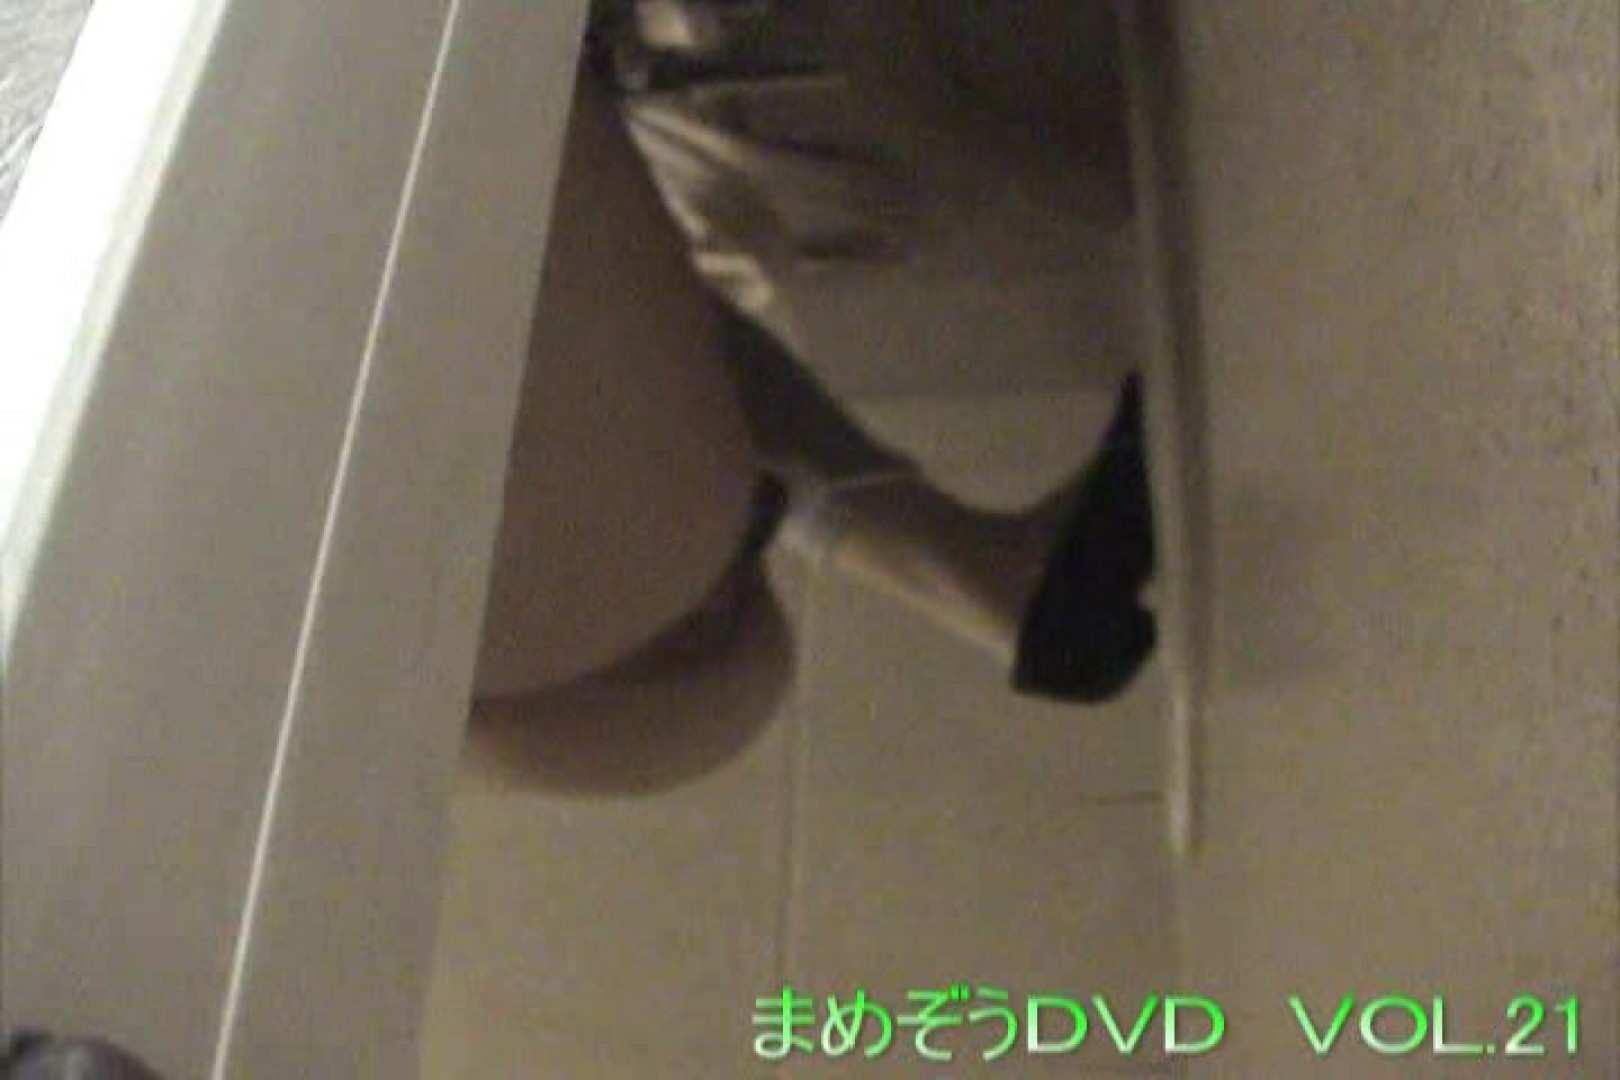 トイレ盗撮|まめぞうDVD完全版VOL.21|怪盗ジョーカー